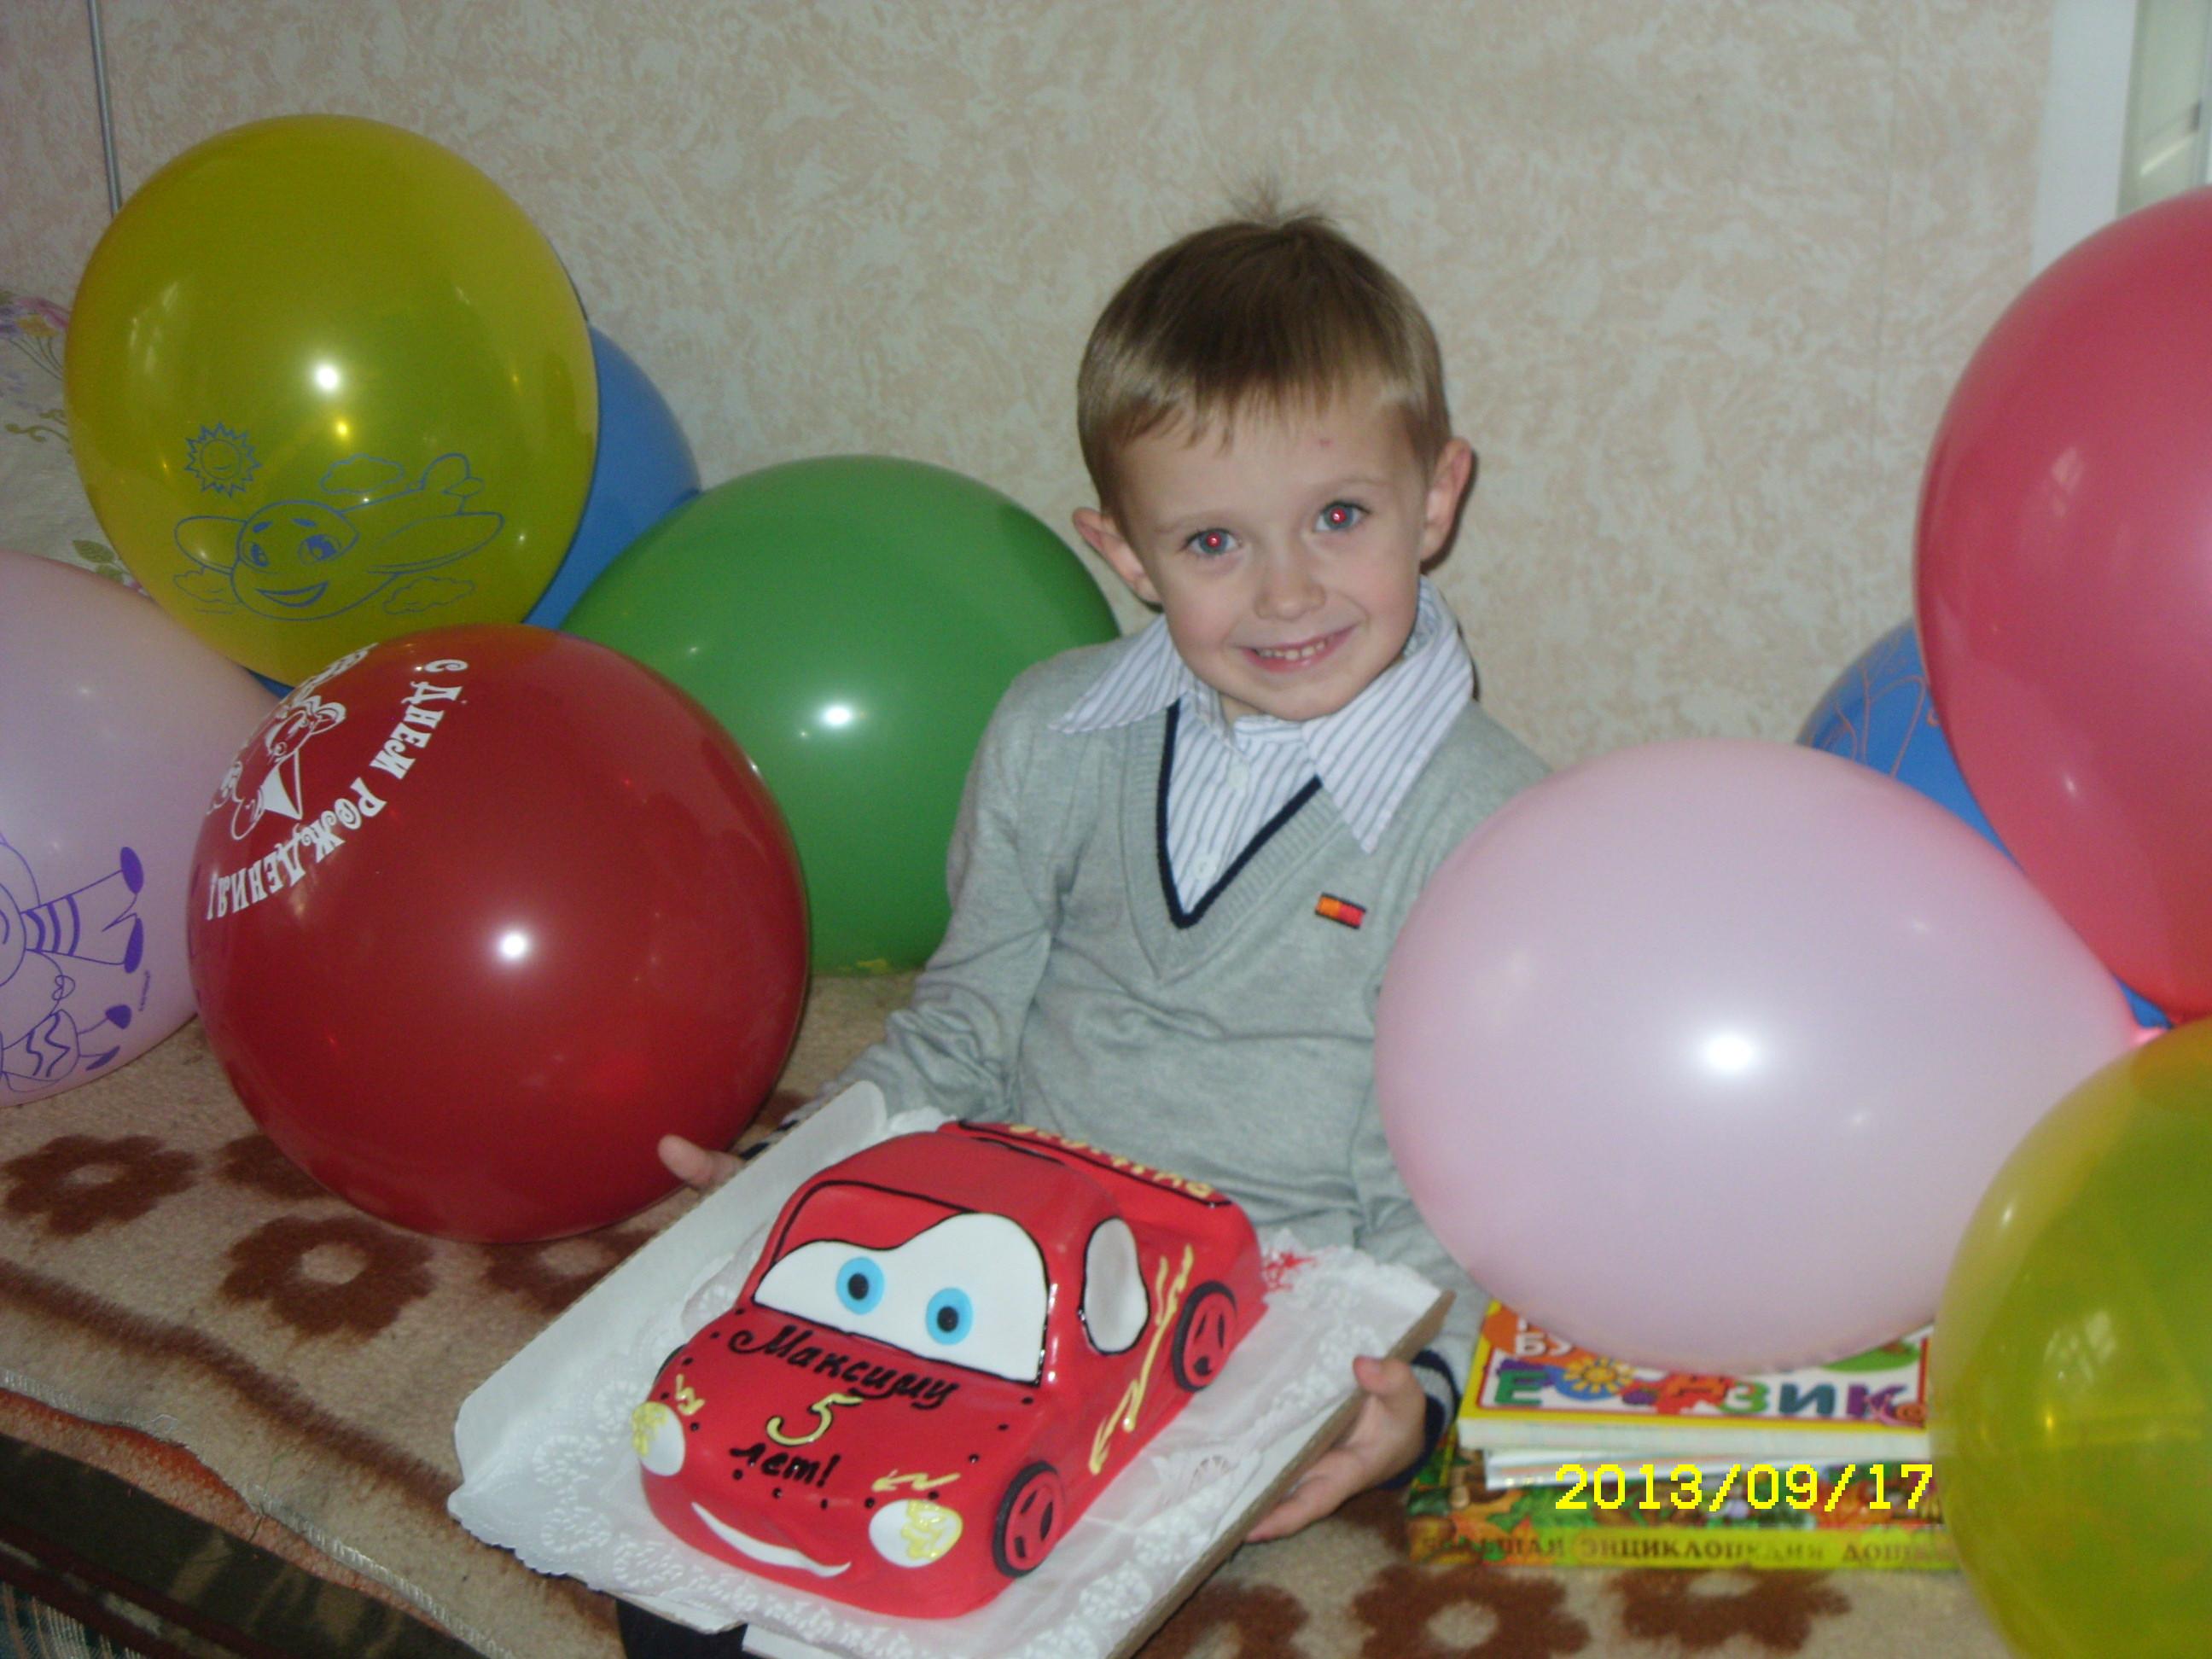 Максиму 5 лет!!! Торт был и красивый и вкусный. Поздравление с Днем Рождения